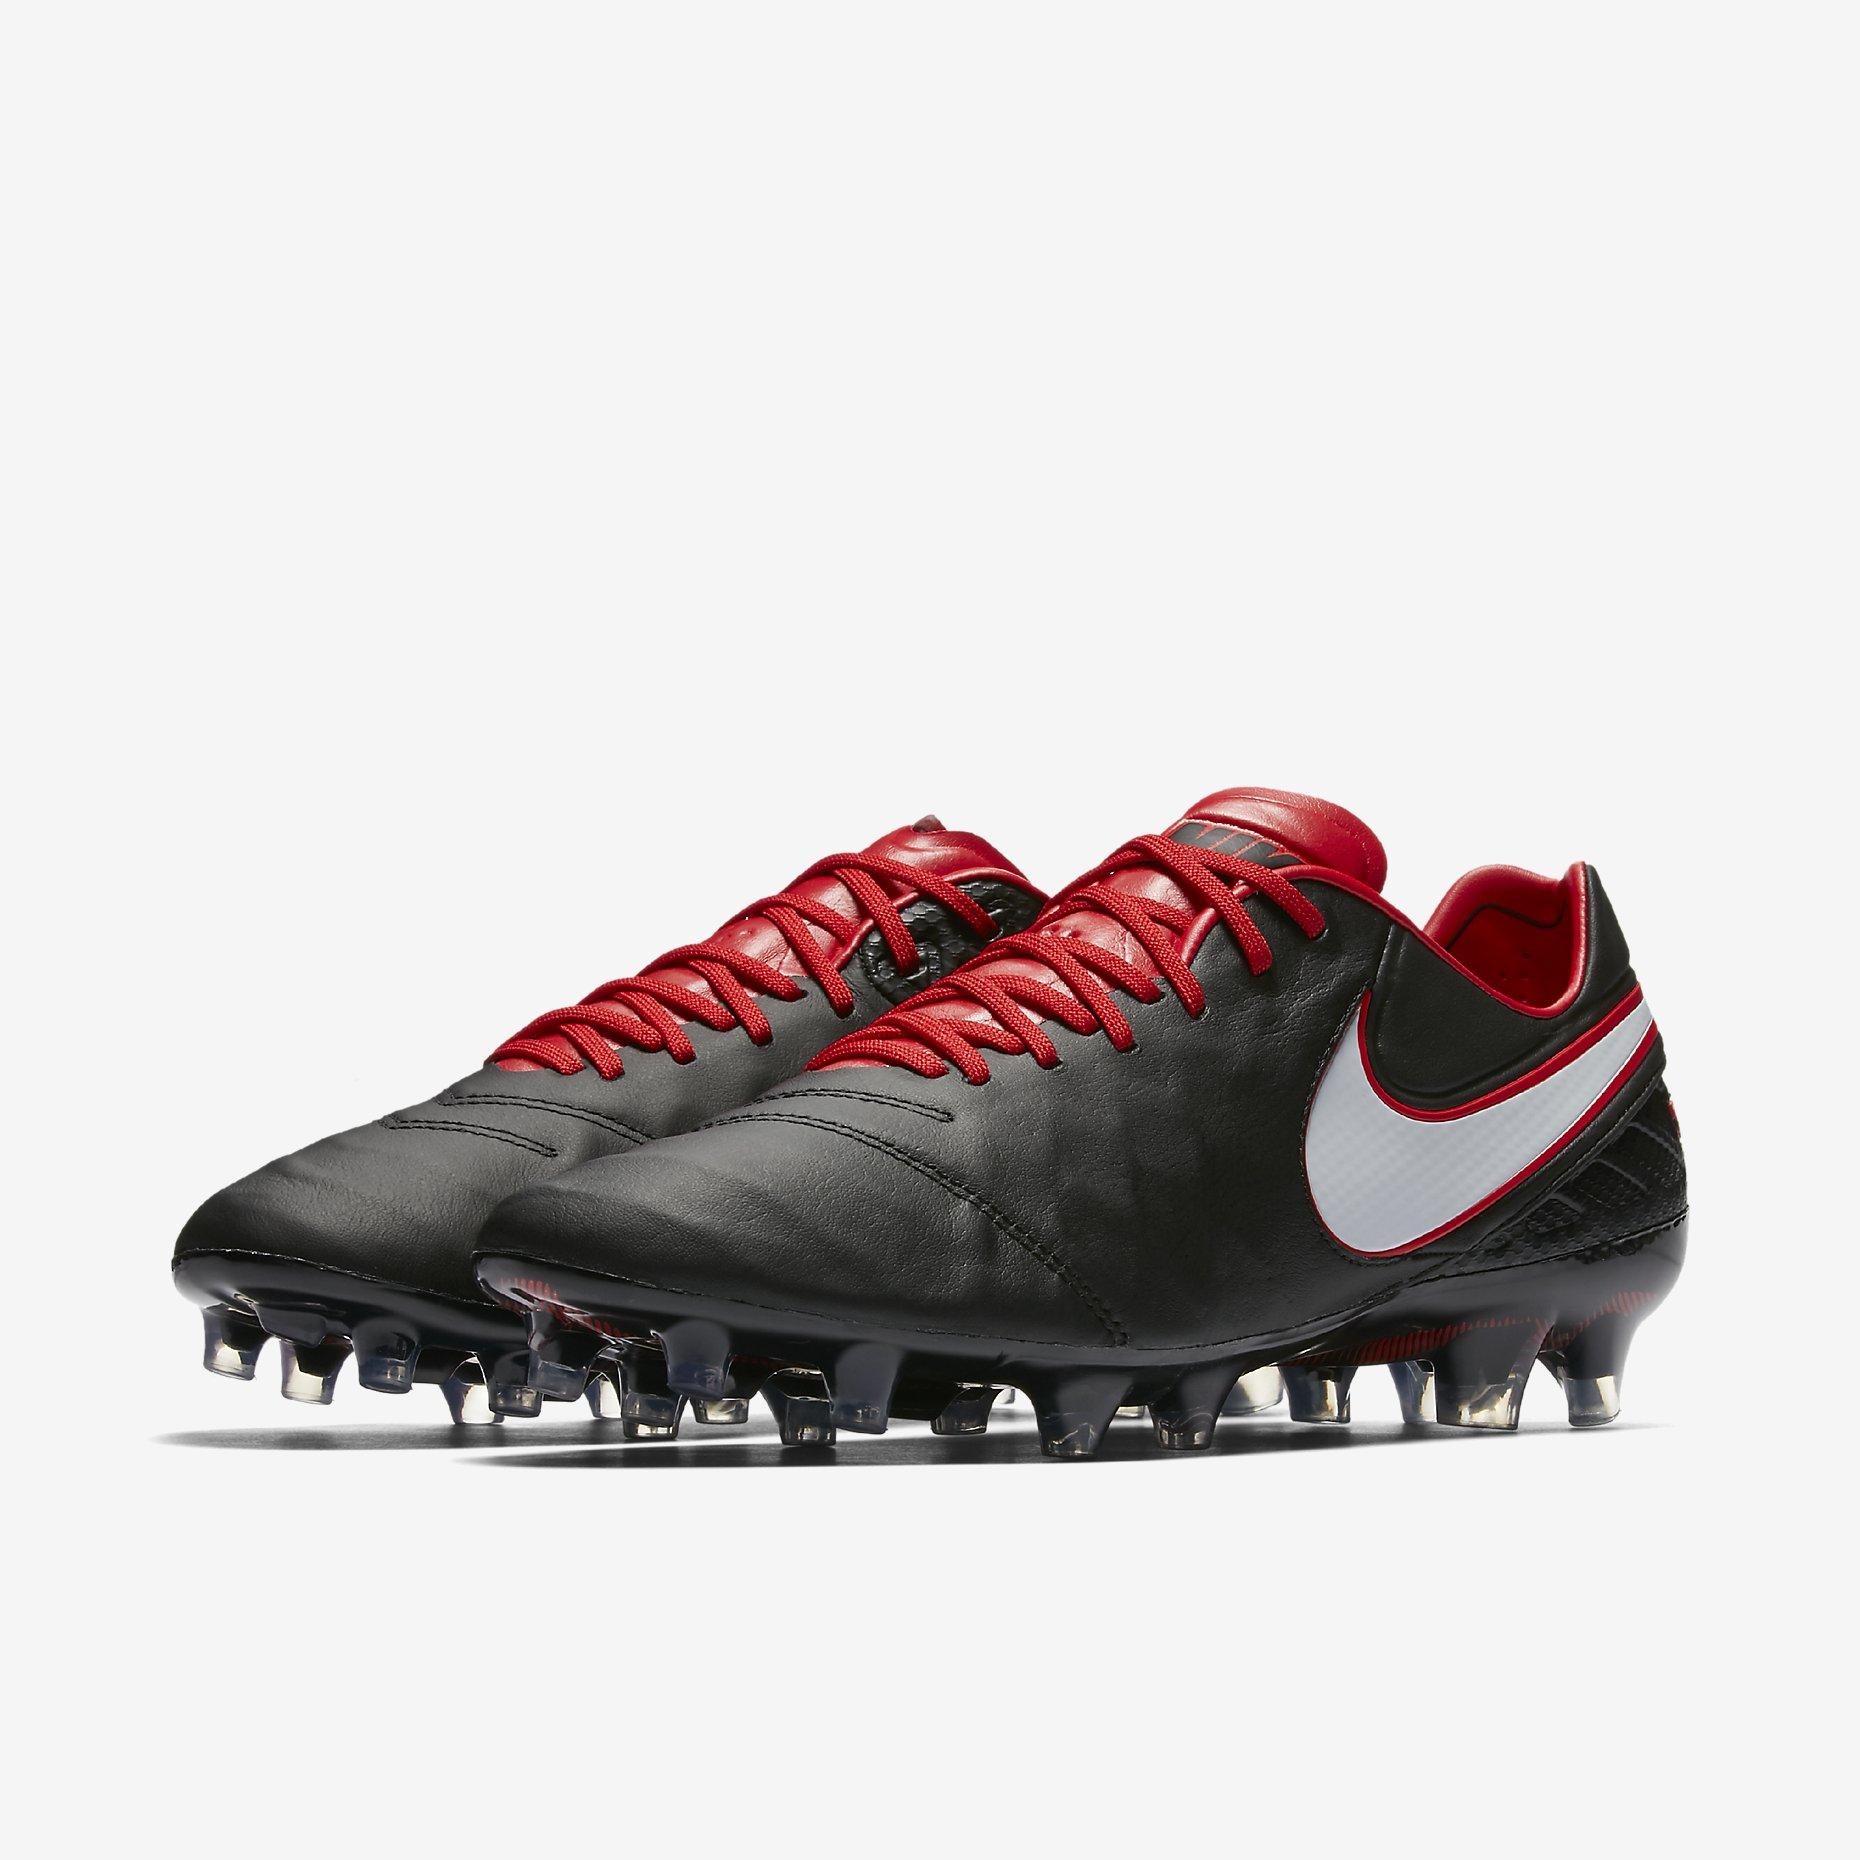 competitive price e95f9 8ee1f Nike Tiempo Legend VI FG Derby Days - Black / University Red ...